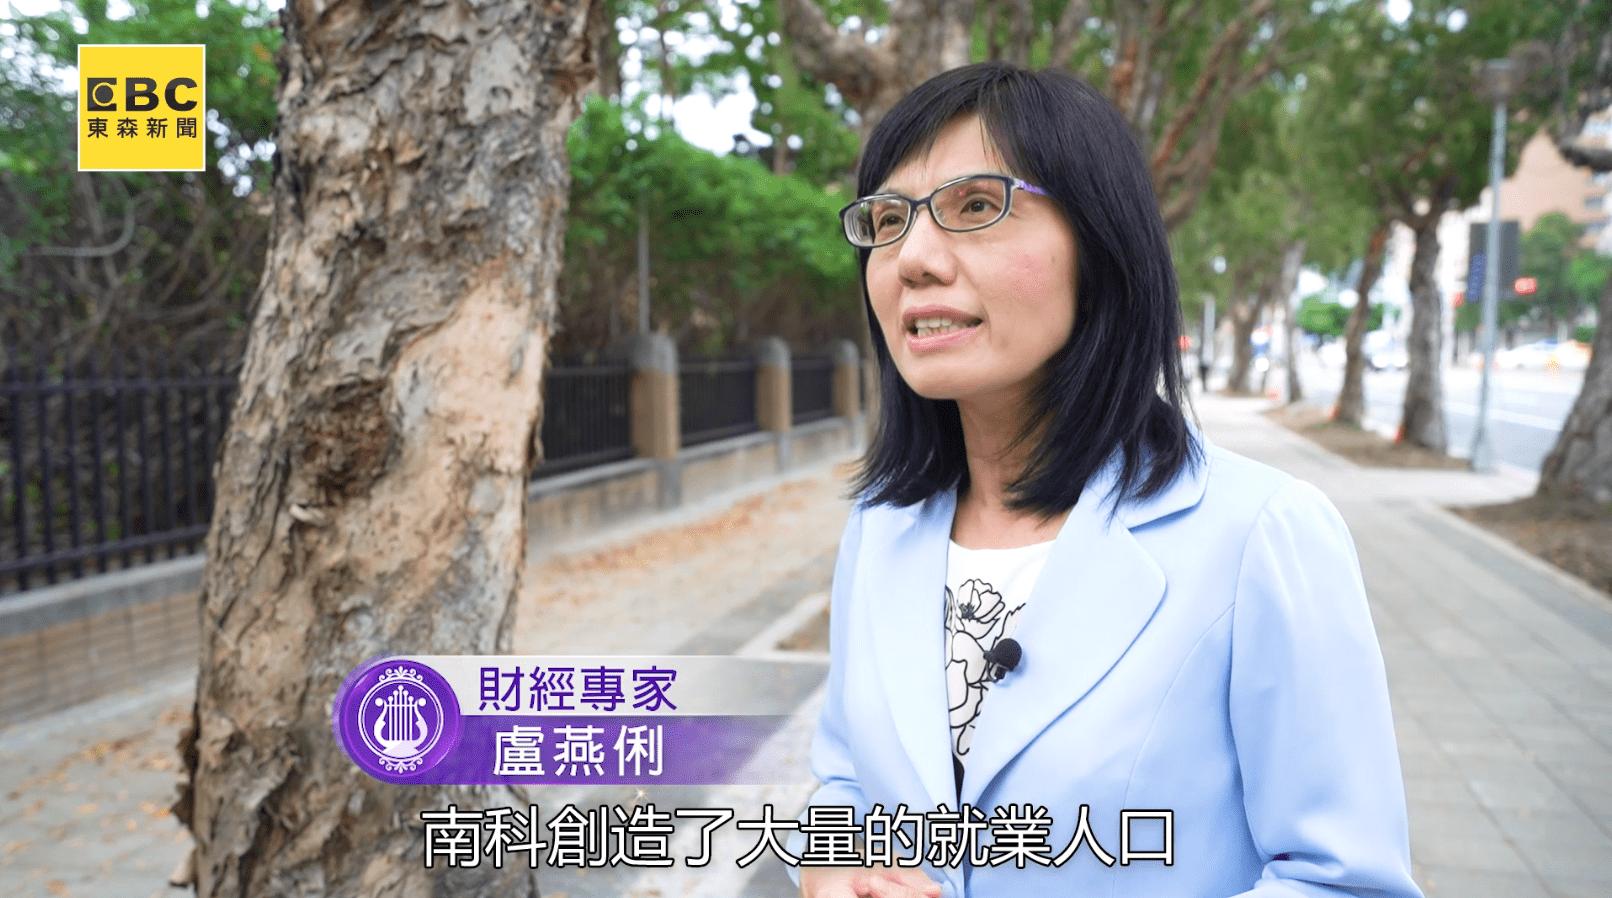 財經專家盧燕俐指出,這波台南房價推力來自南科。